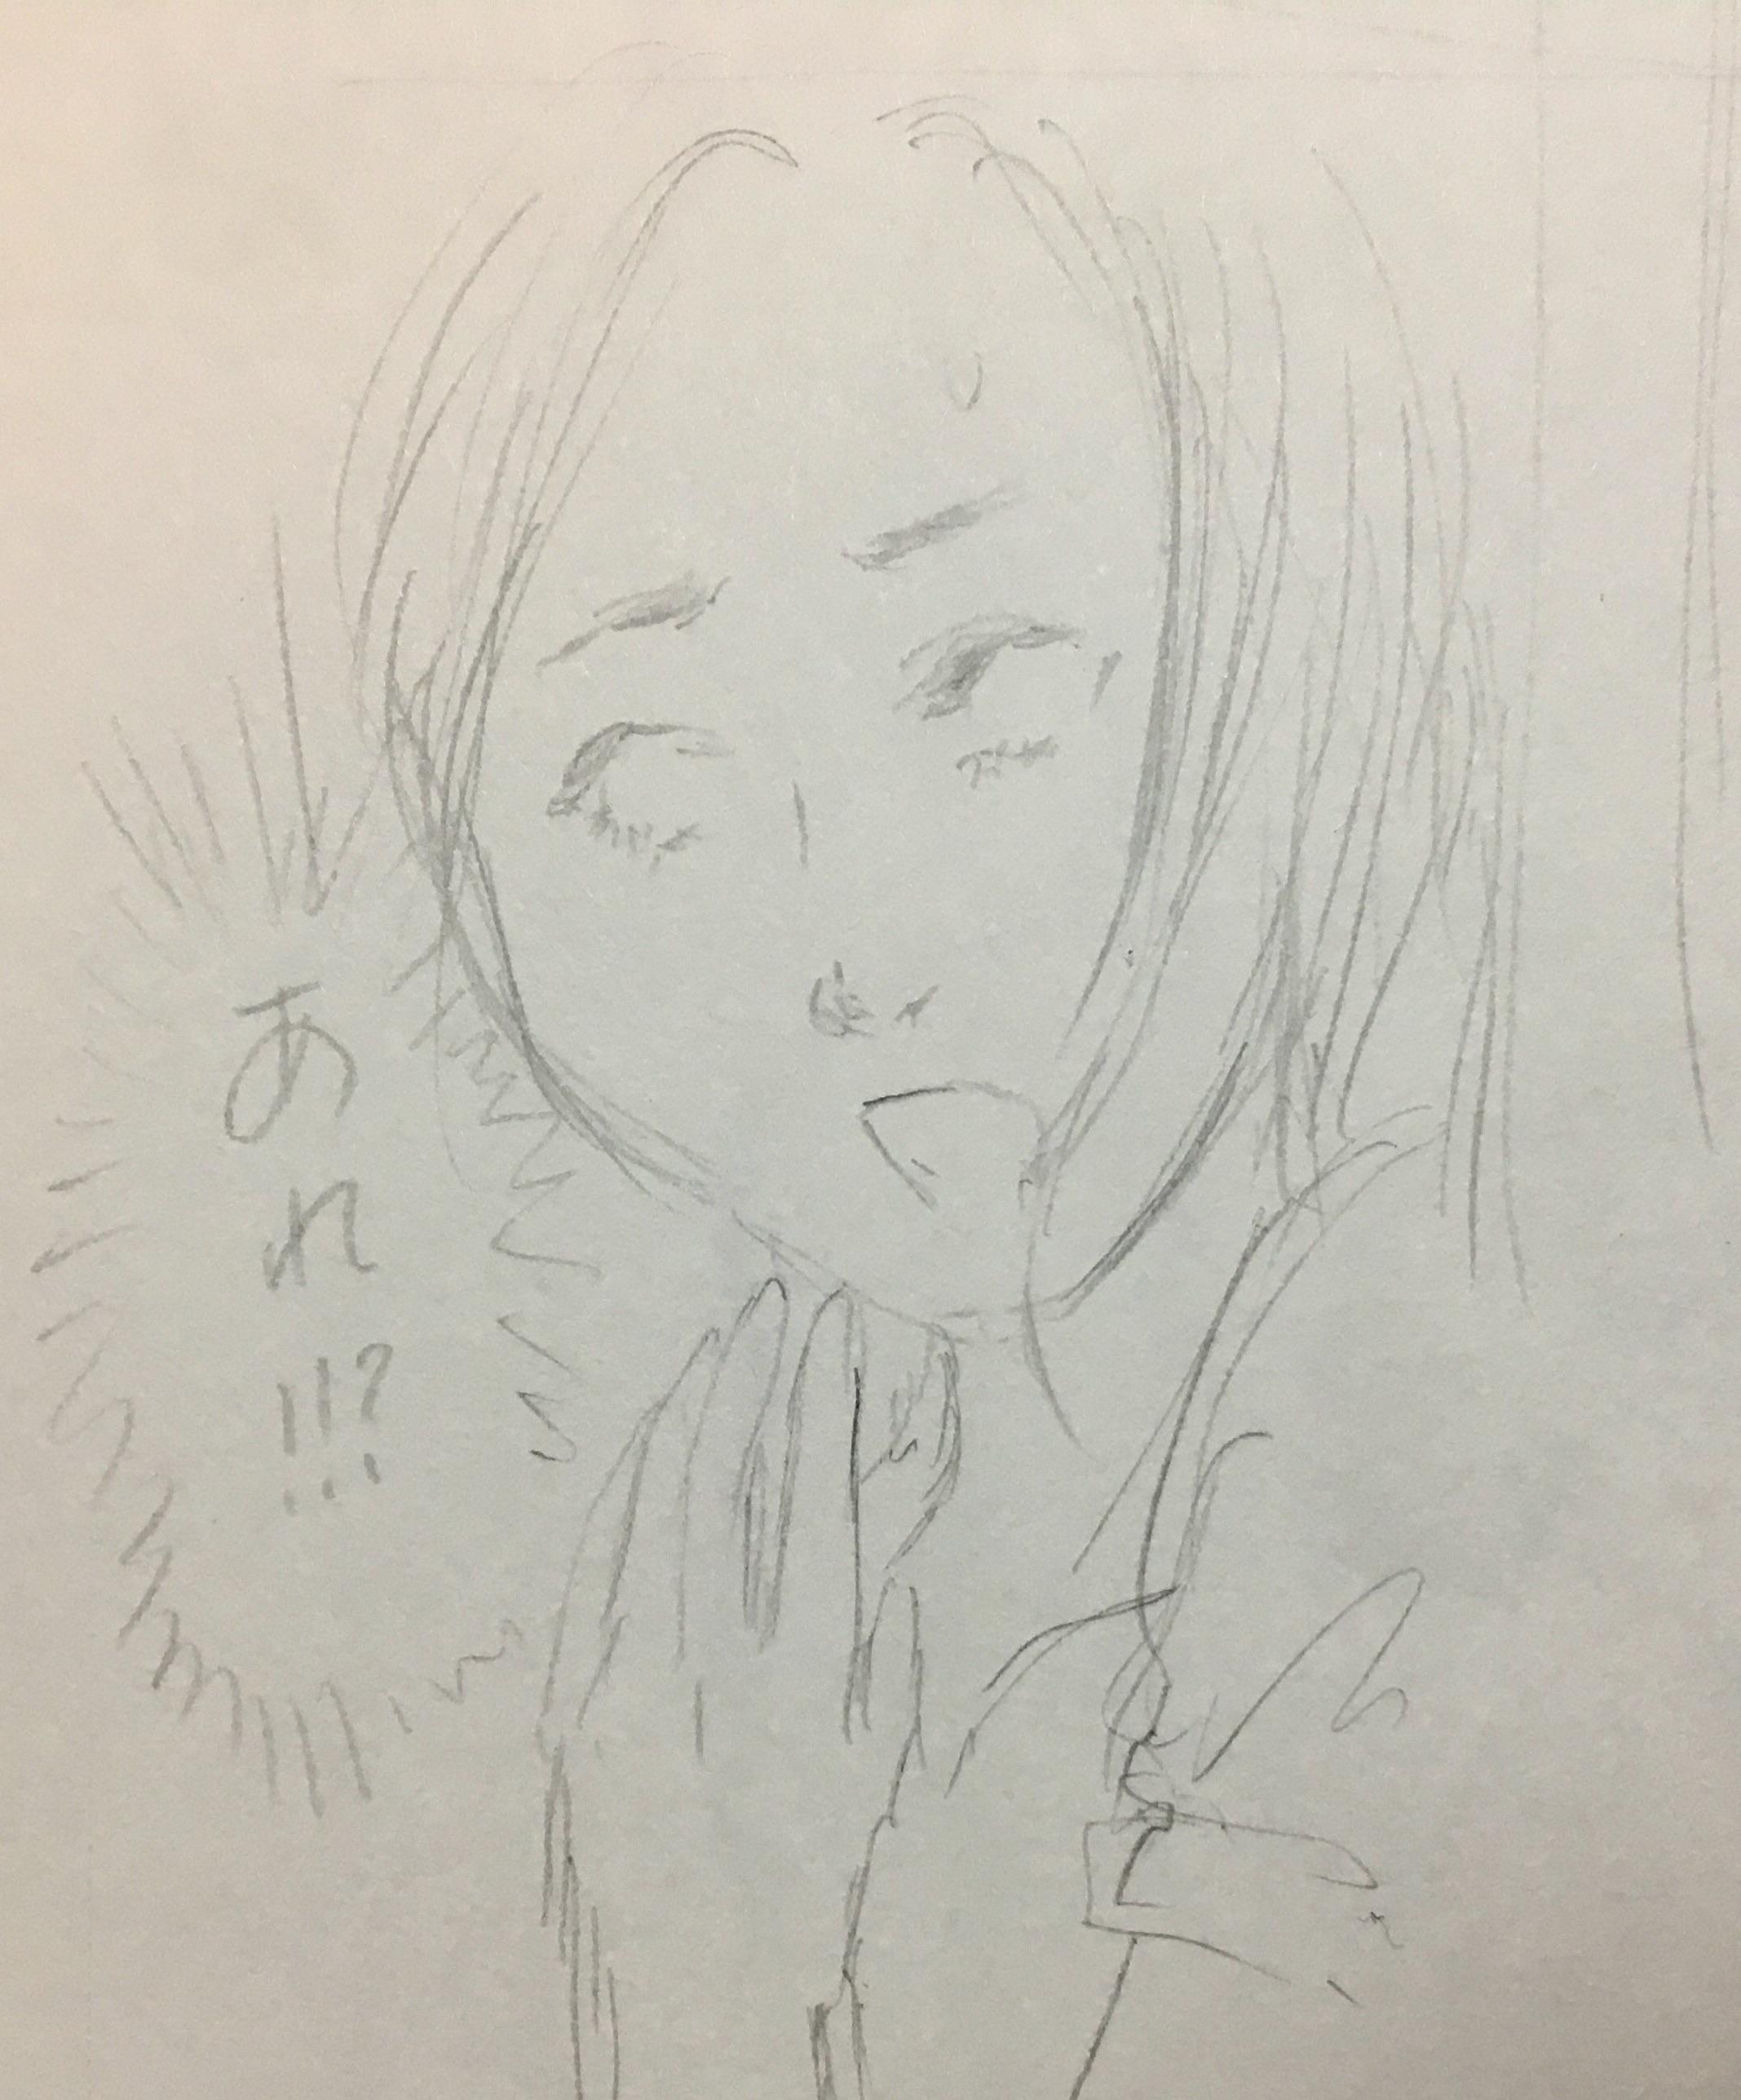 f:id:kaminashiko:20180625001332j:plain